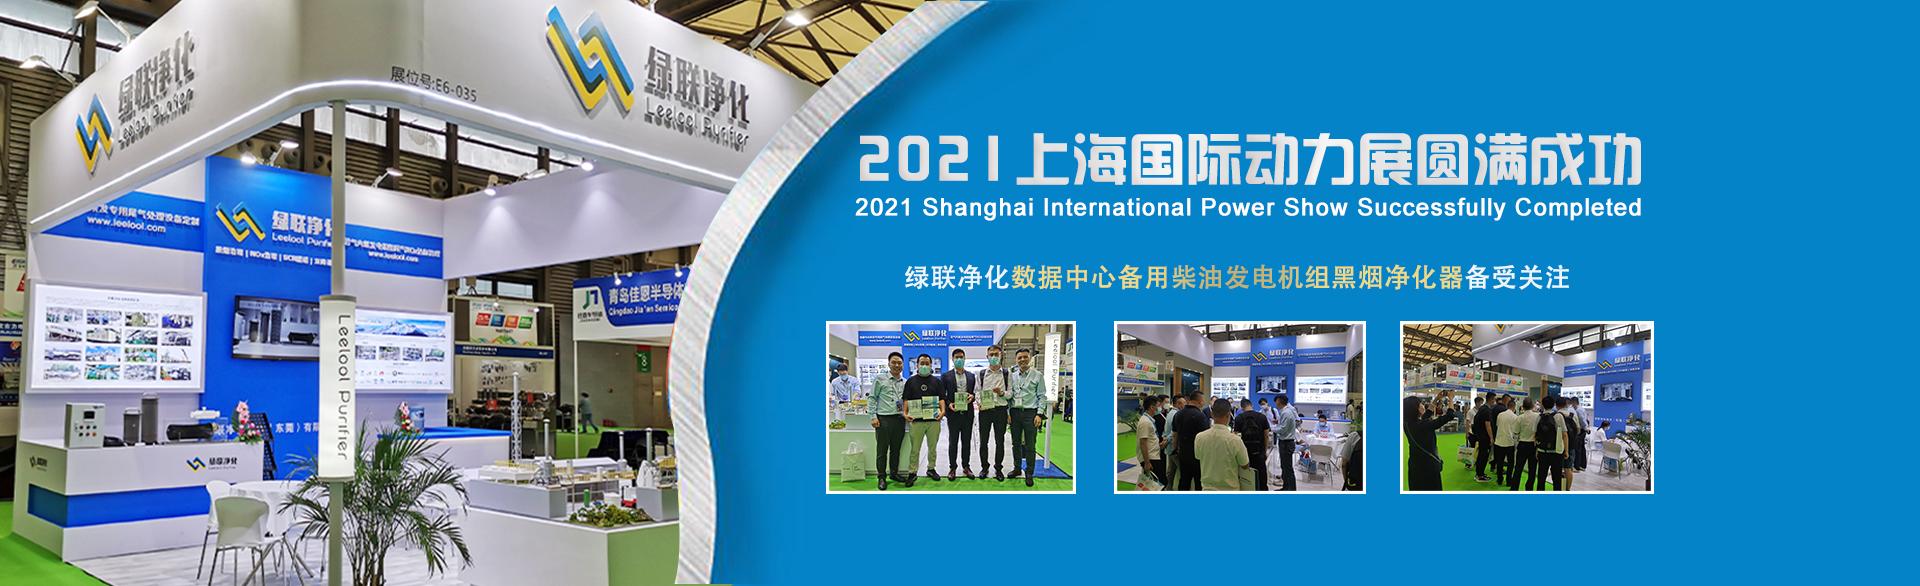 2021绿联净化上海动力展